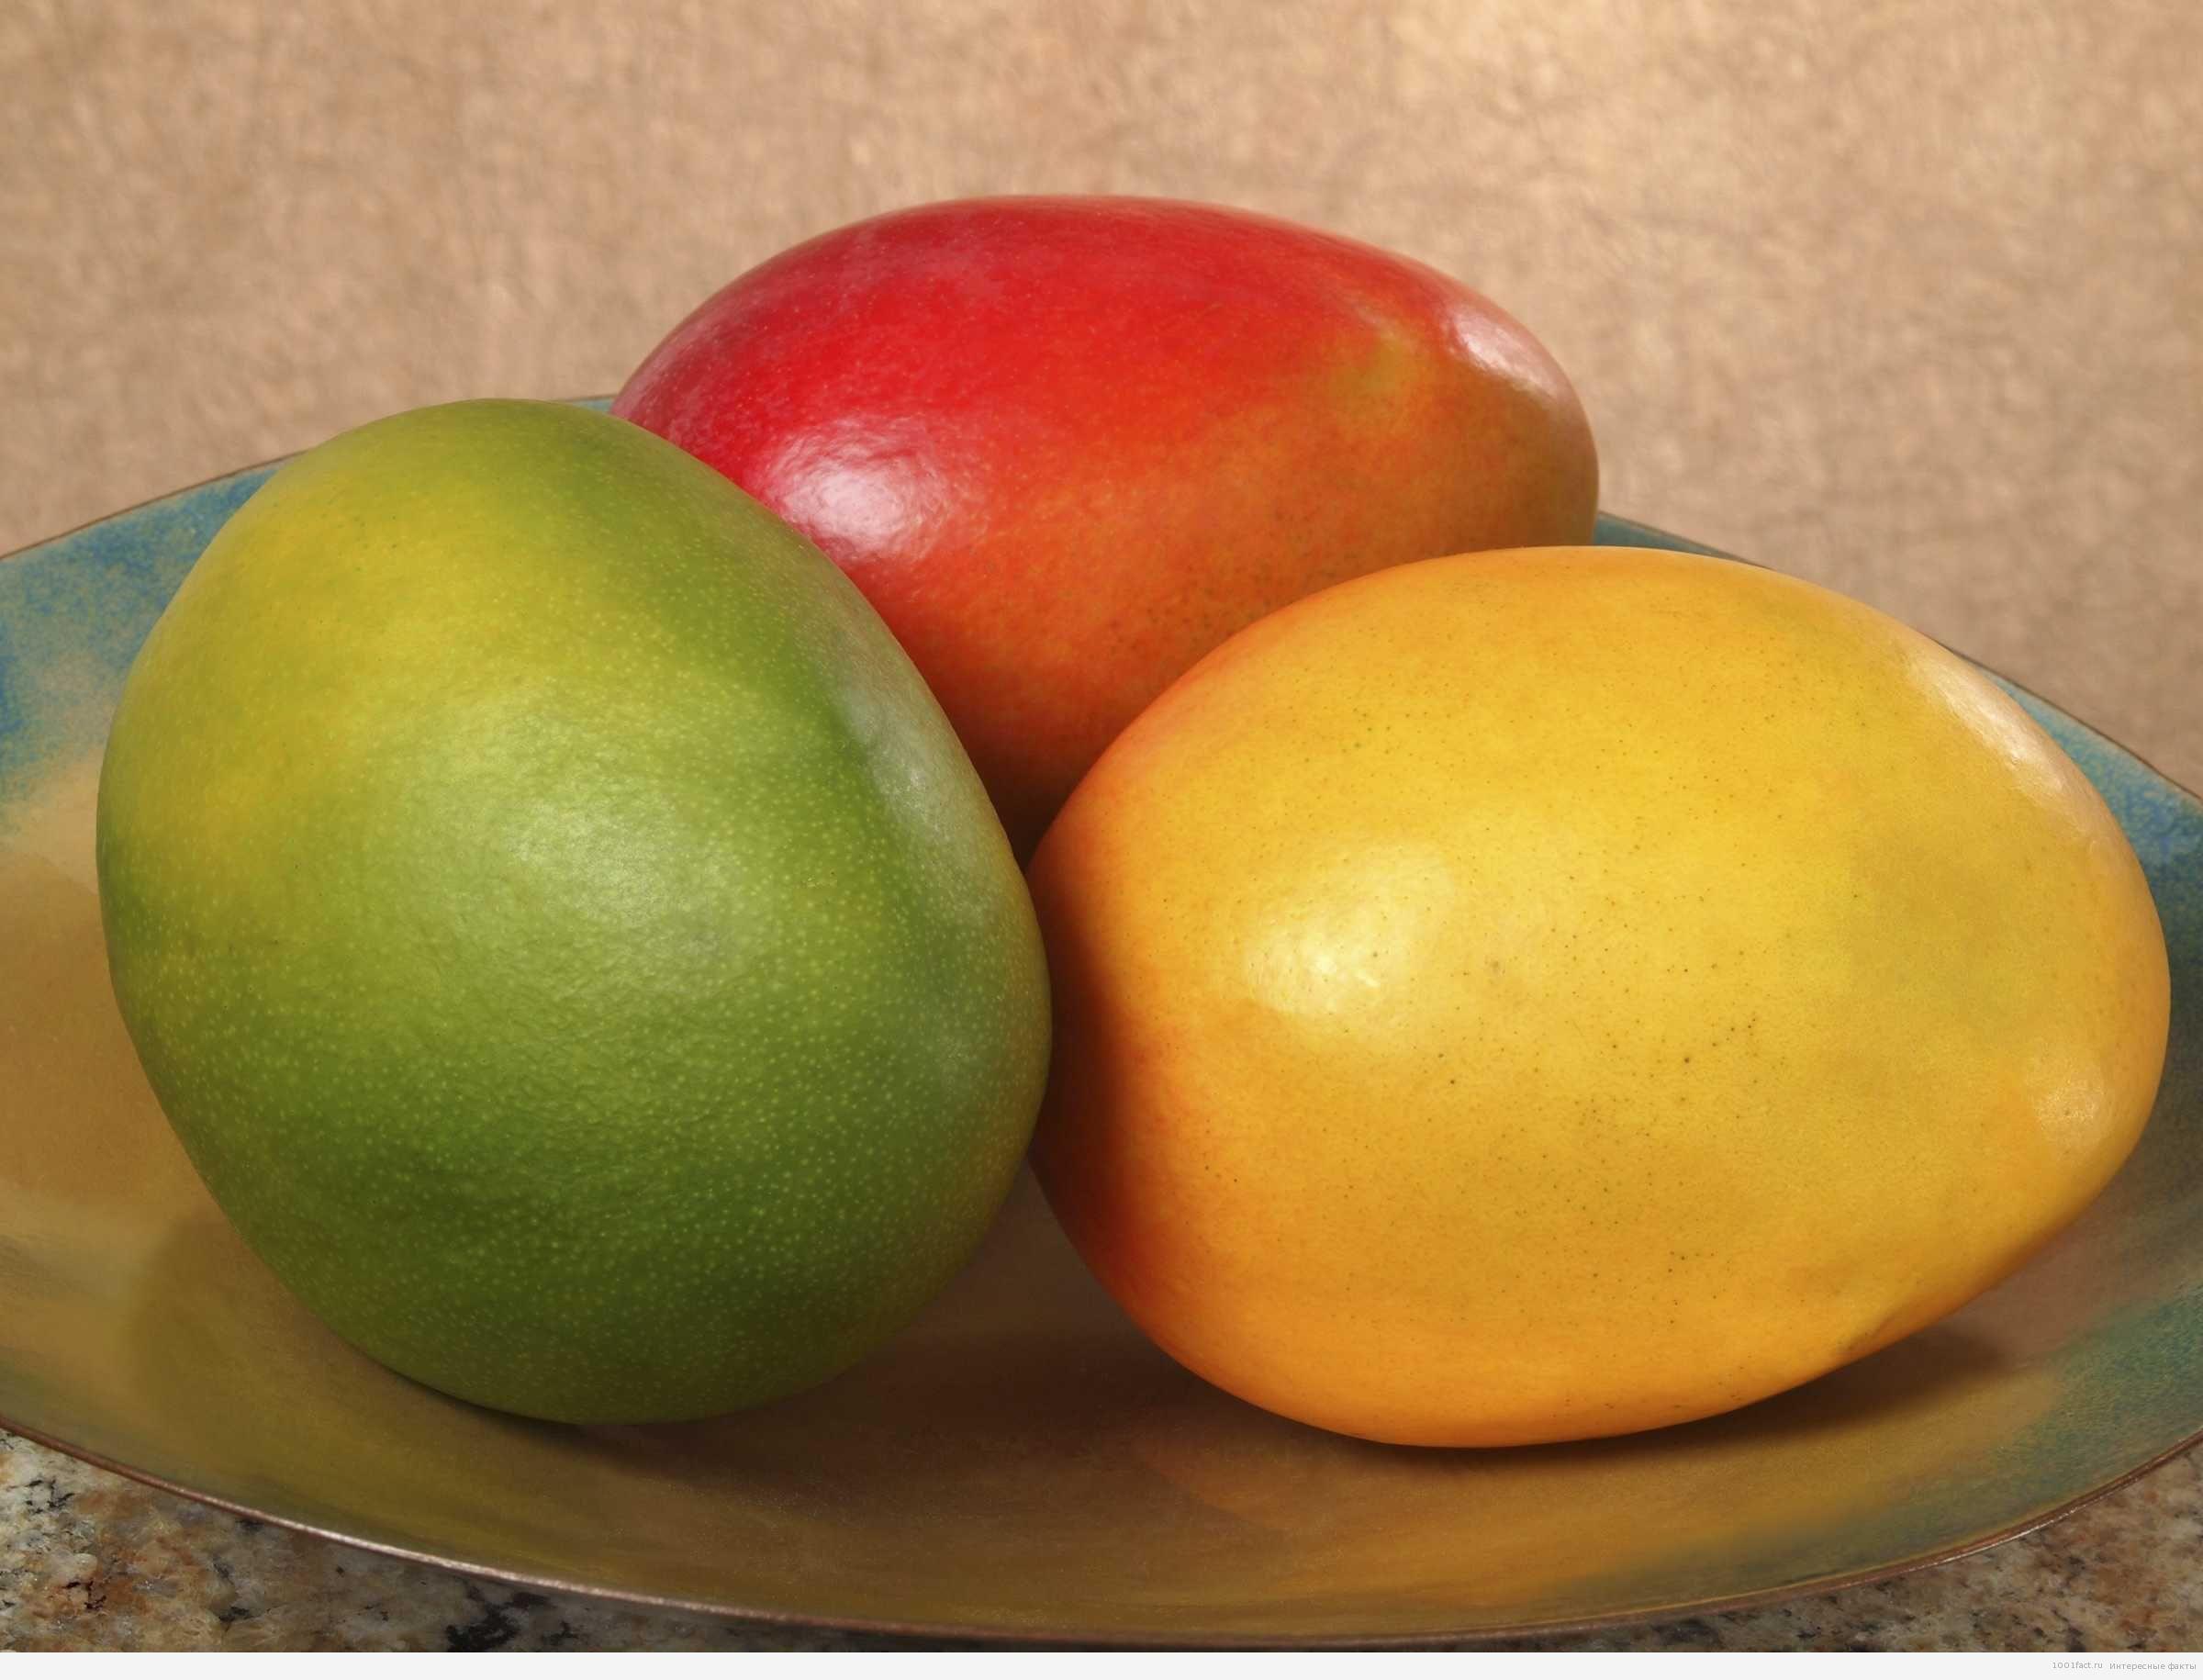 полезный и вкусный фрукт